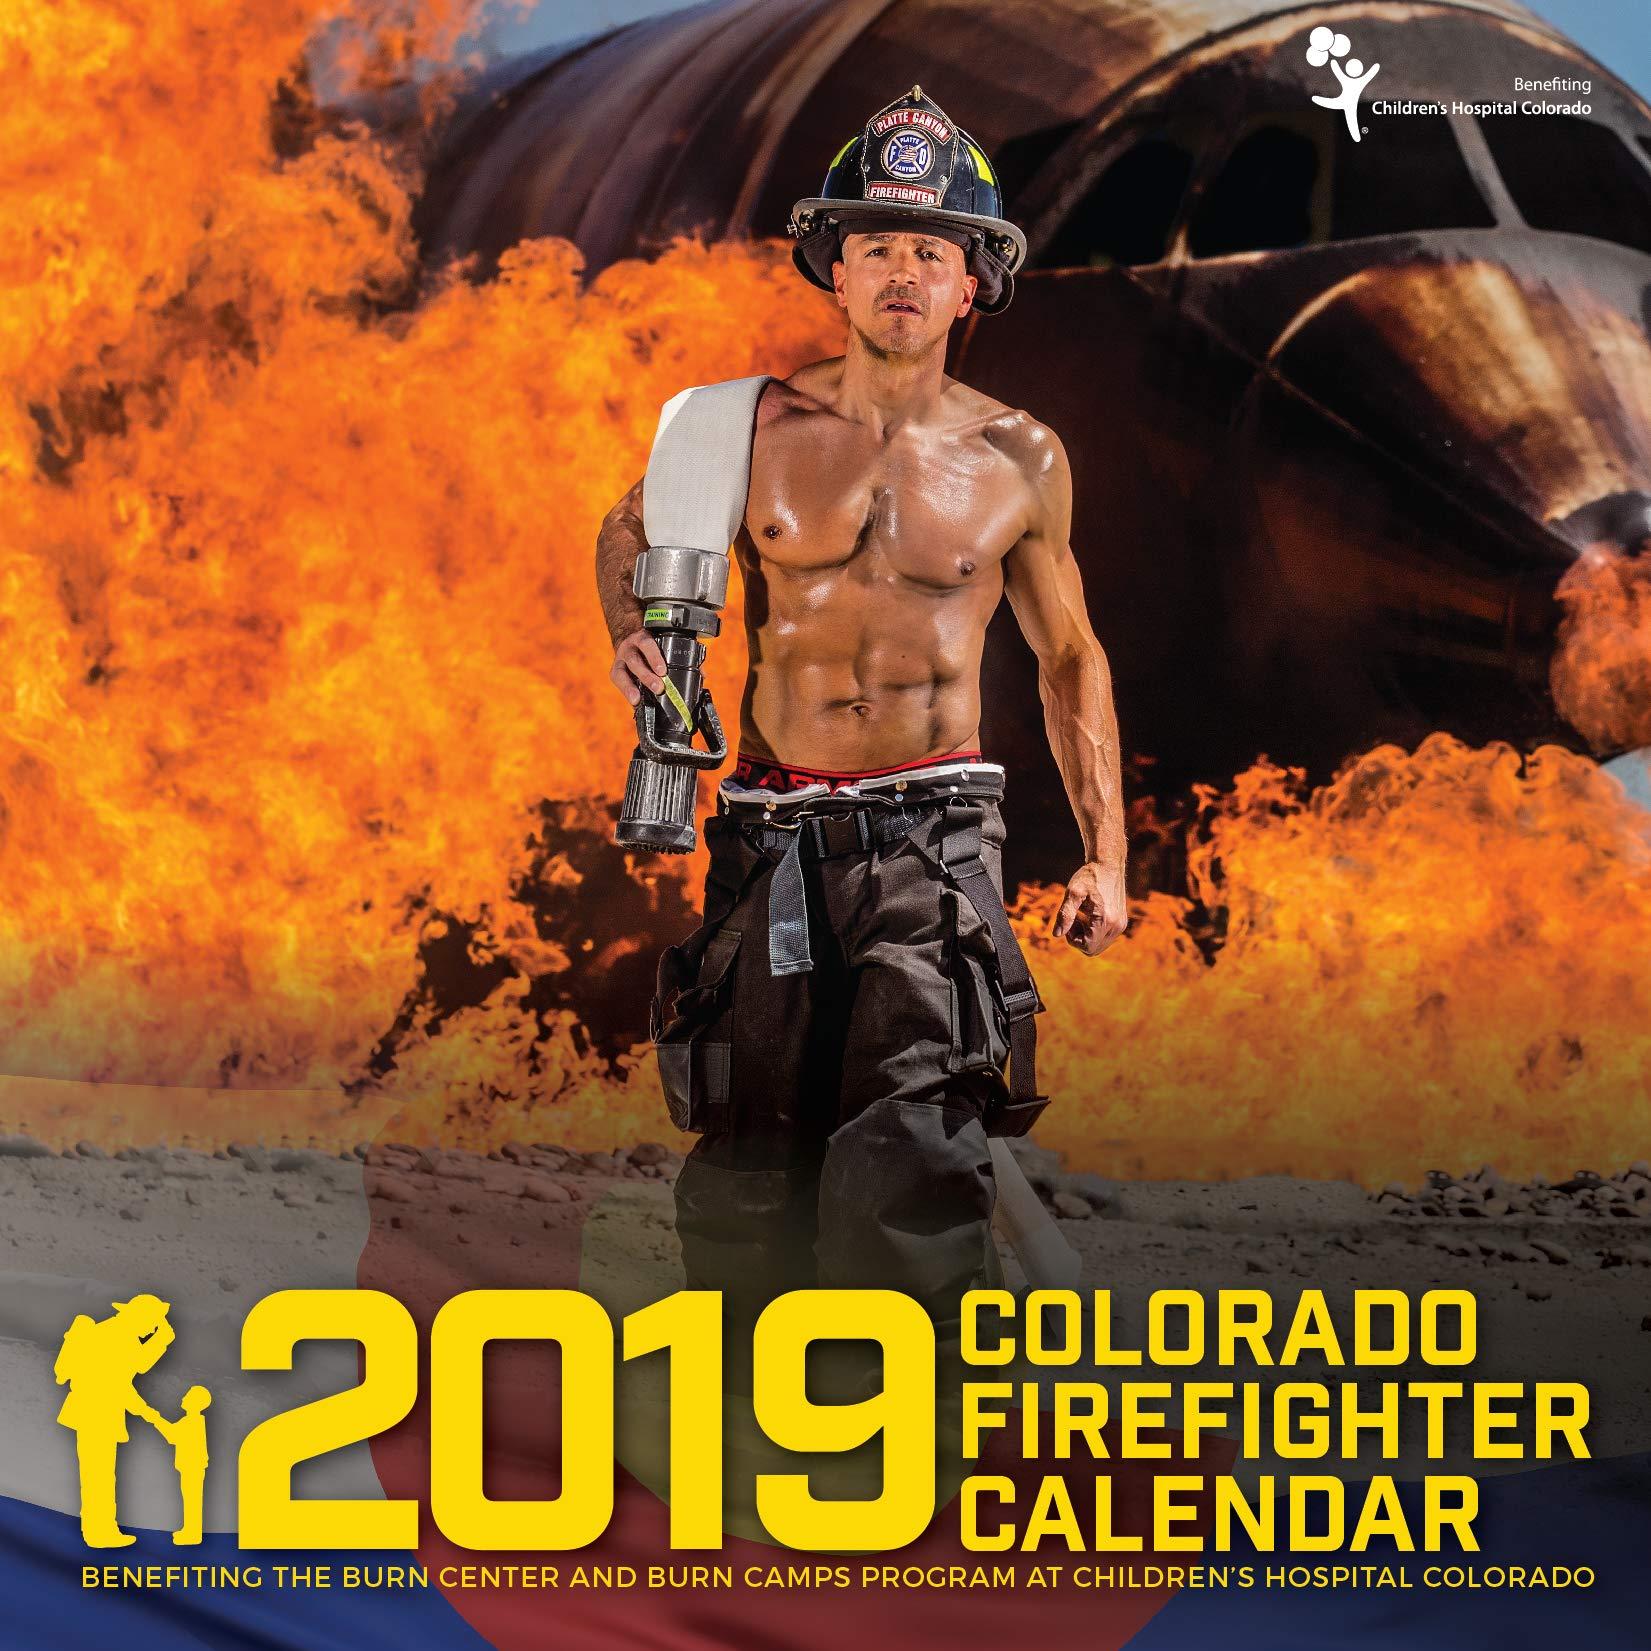 2019 Colorado Firefighter Calendar